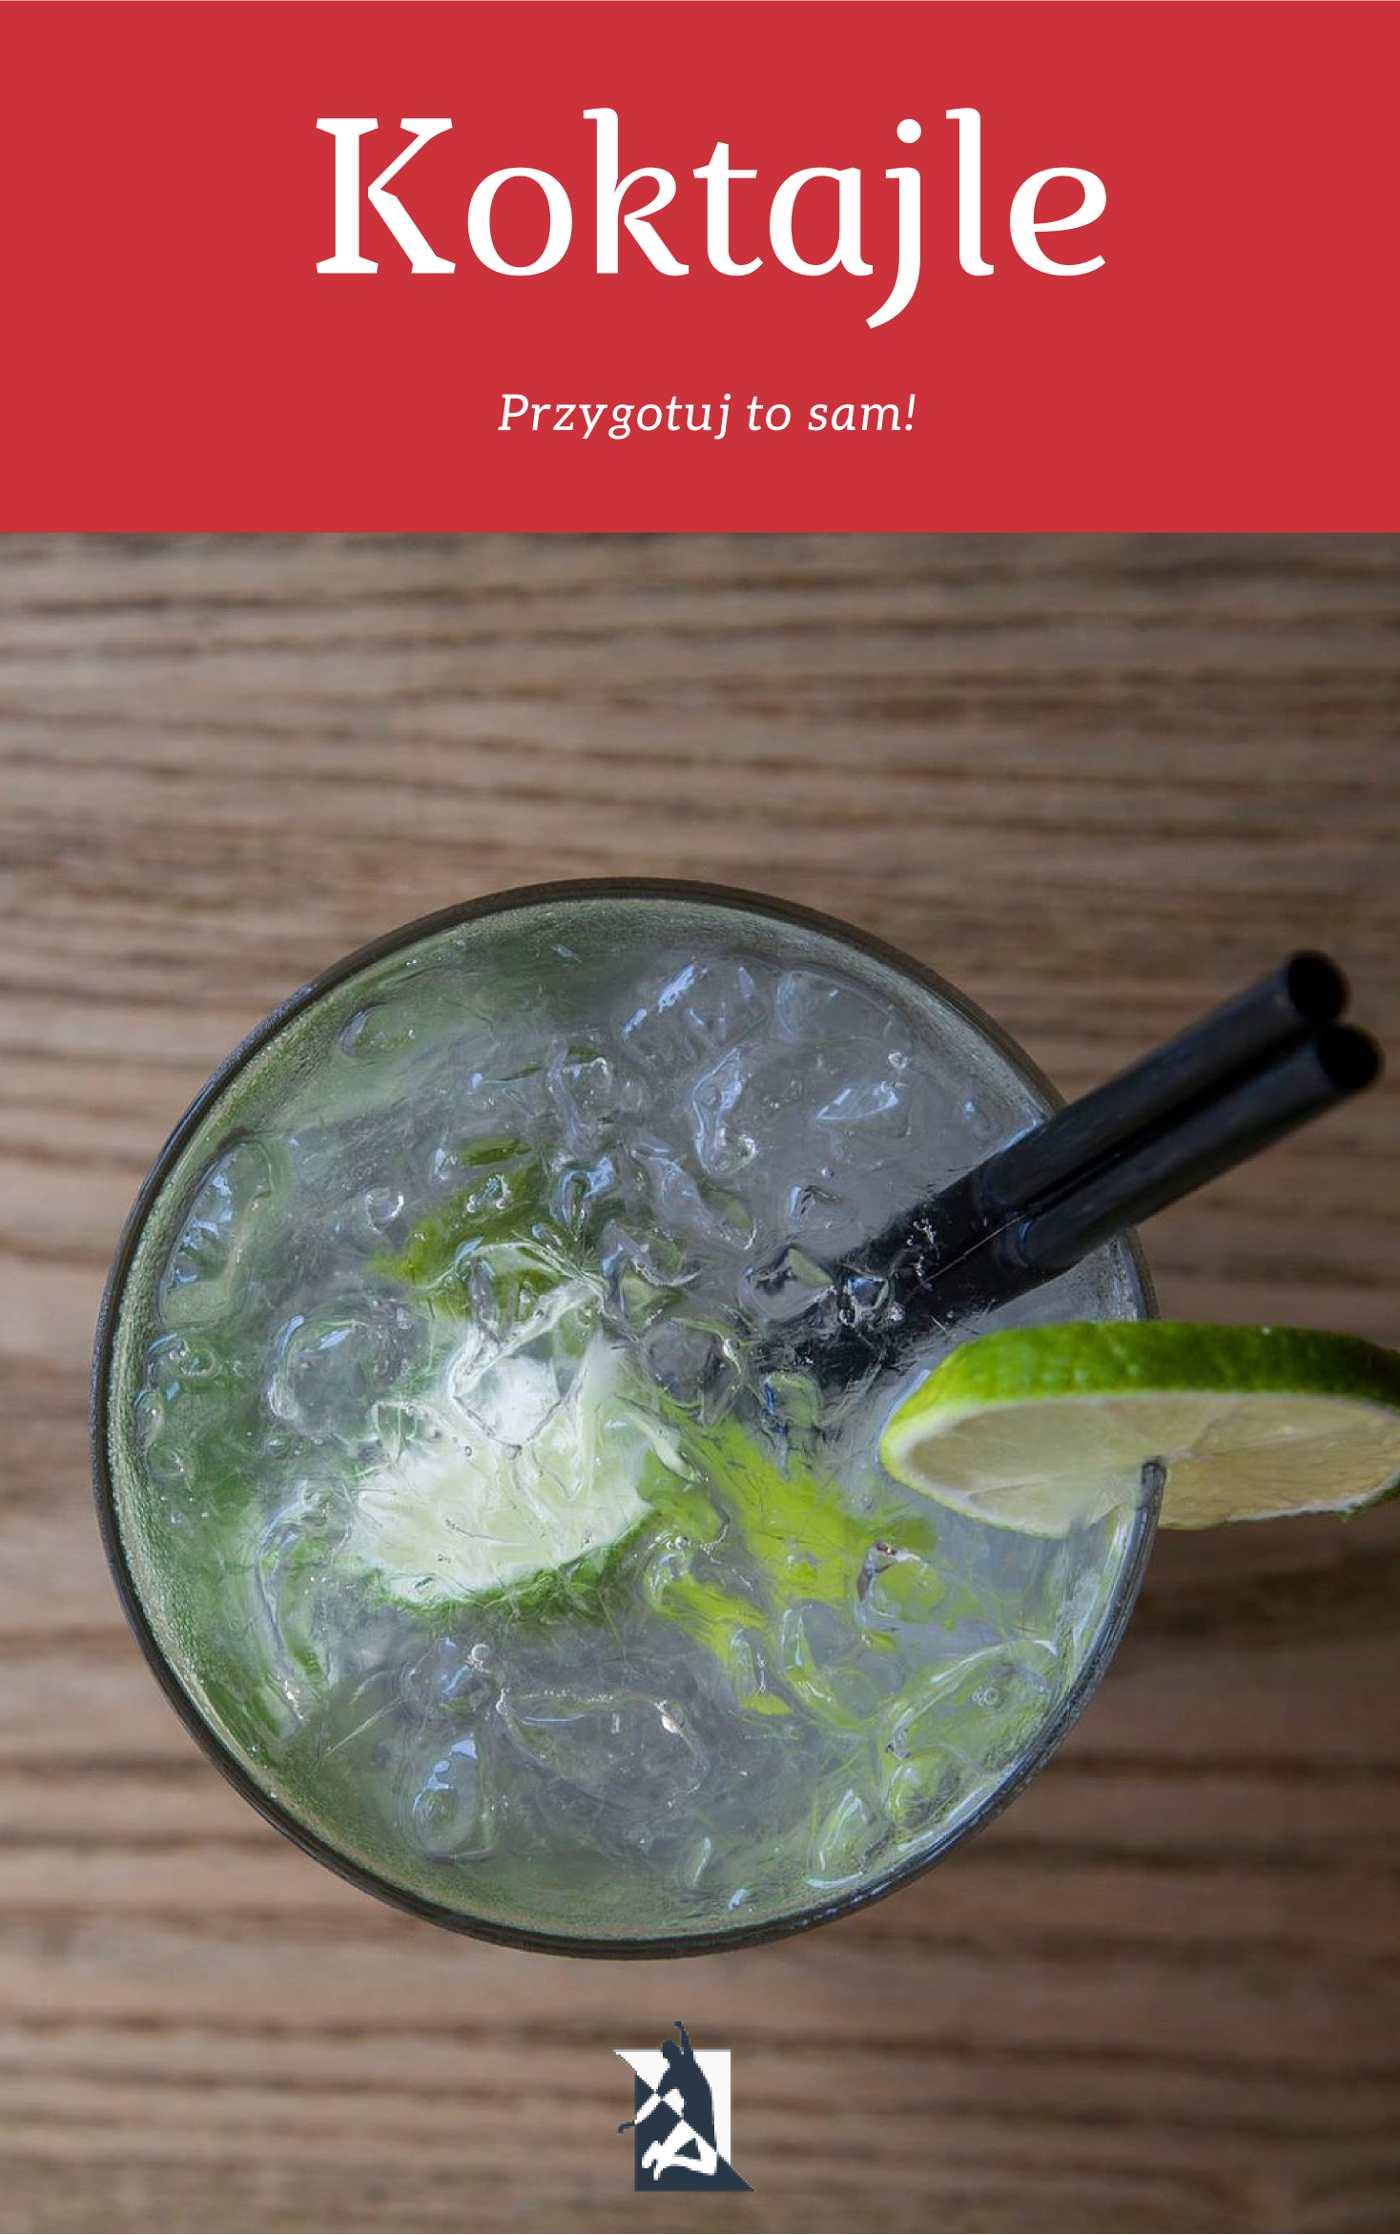 Koktajle. Przygotuj to sam! - Ebook (Książka na Kindle) do pobrania w formacie MOBI